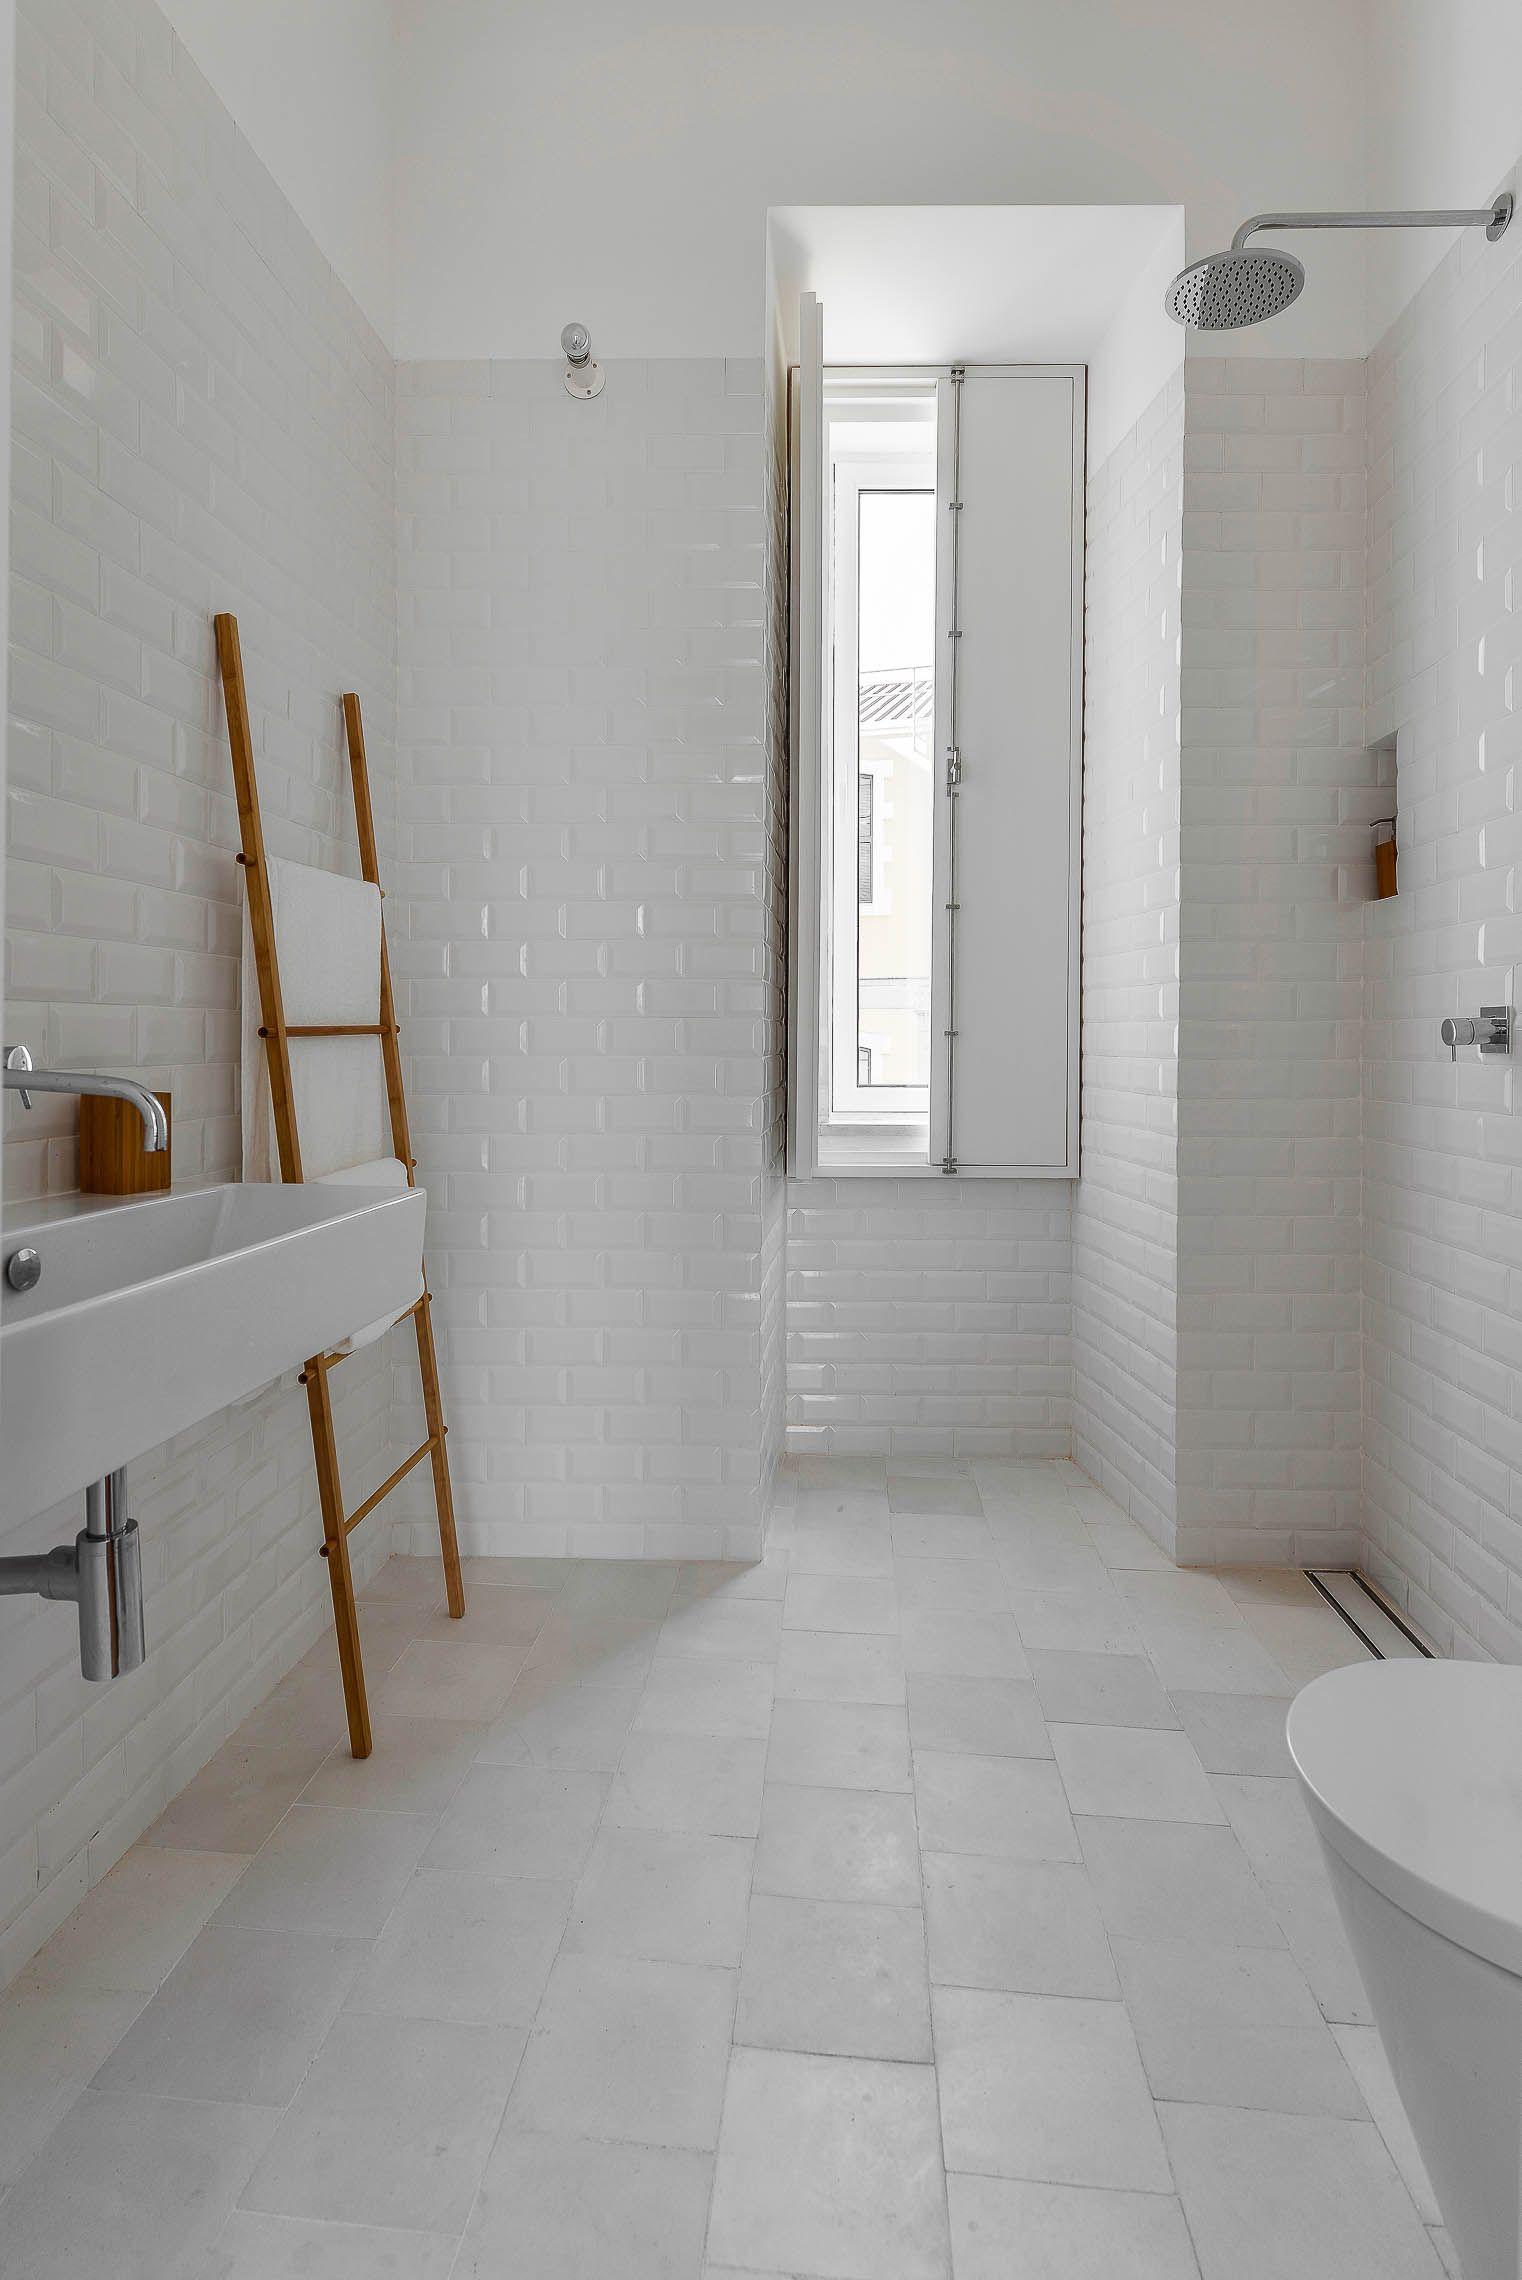 Stilvolle Moglichkeiten Eine U Bahn Fliesen Dusche Zu Modernisieren In 2020 Badezimmer Innenausstattung Bodenfliesen Bad Dusche Fliesen